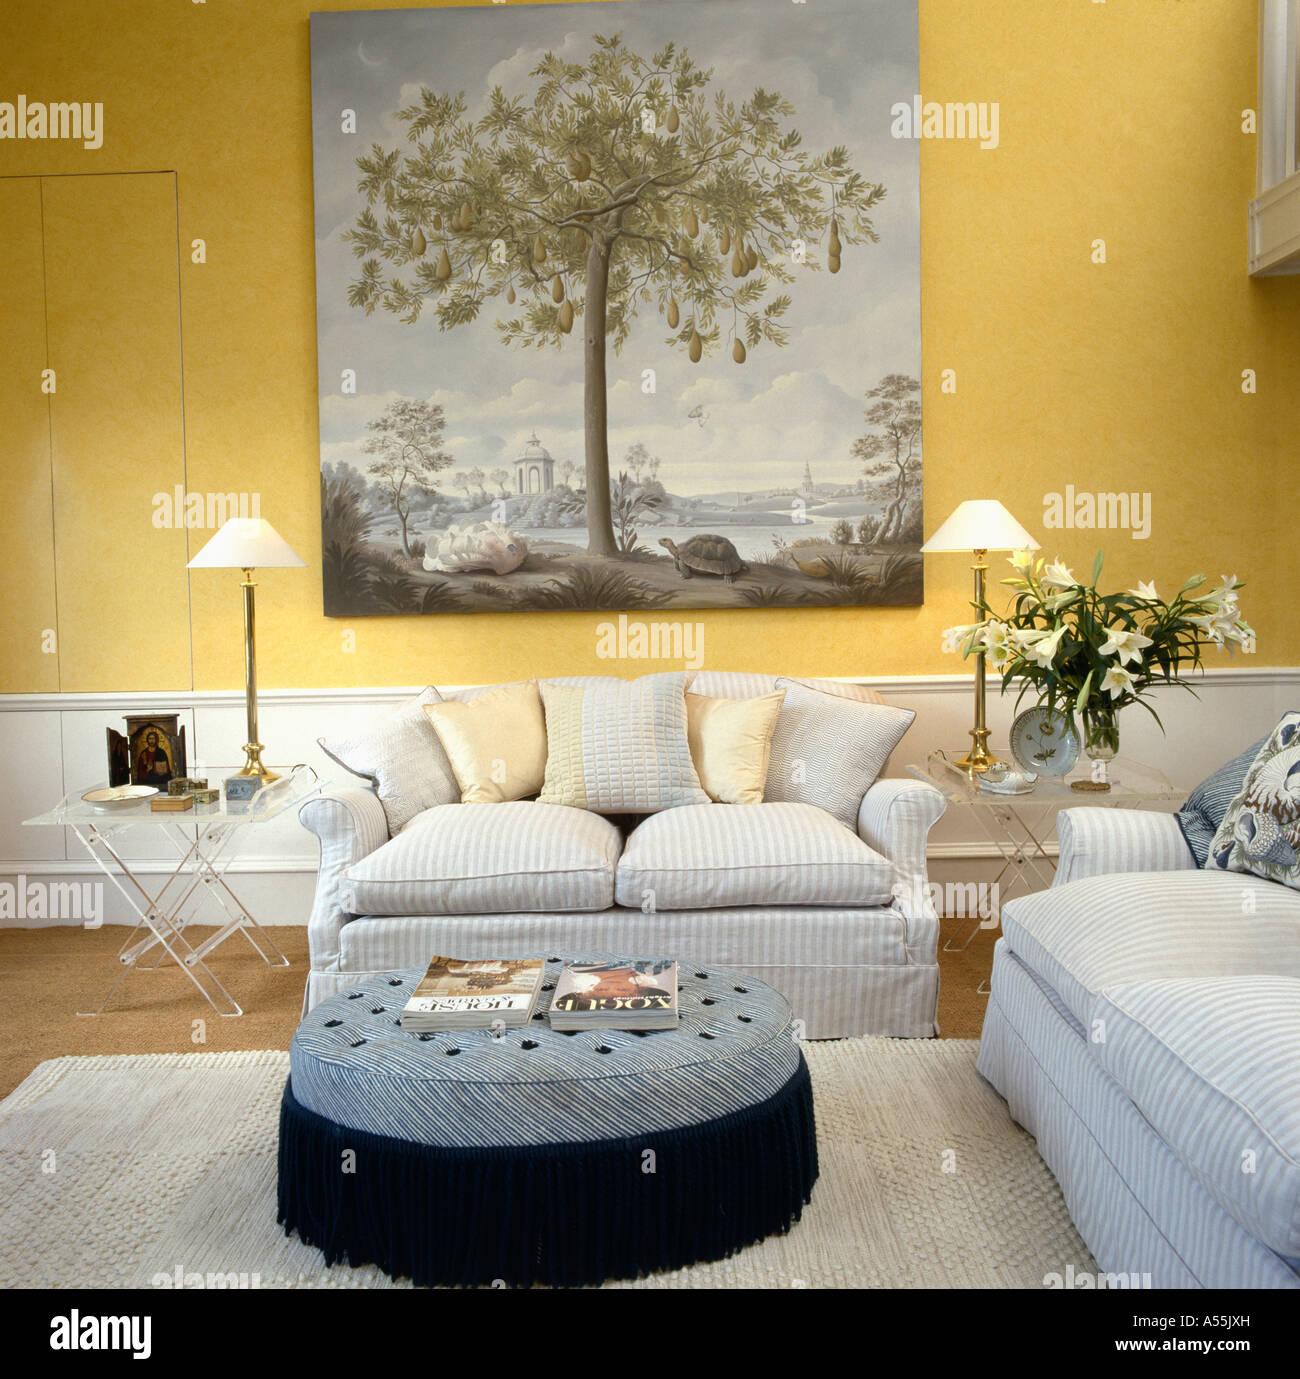 Jahrhunderts Bild Oben Blass Grau Sofa In Blass Gelb Wohnzimmer Mit Großen  Runden Gepolsterten Hocker